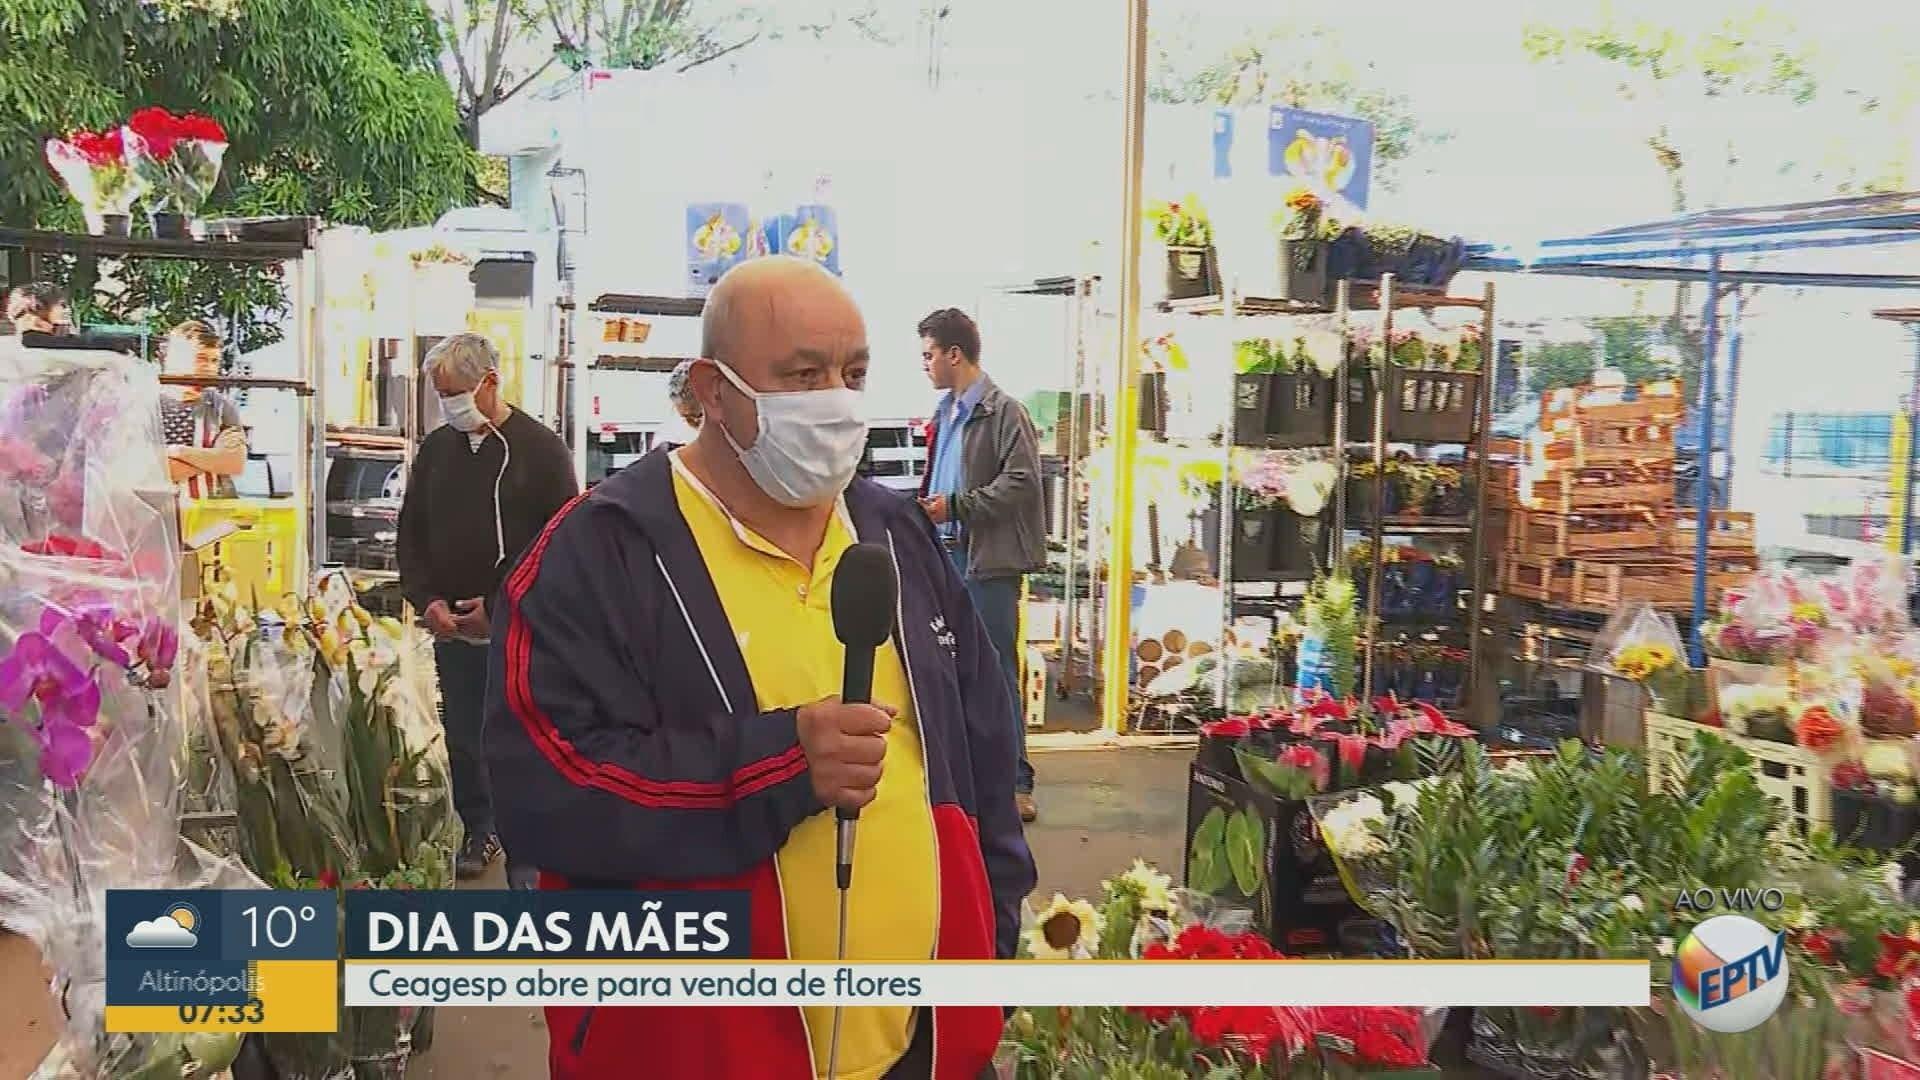 VÍDEOS: Bom Dia Cidade Ribeirão Preto de sexta-feira, 8 de maio